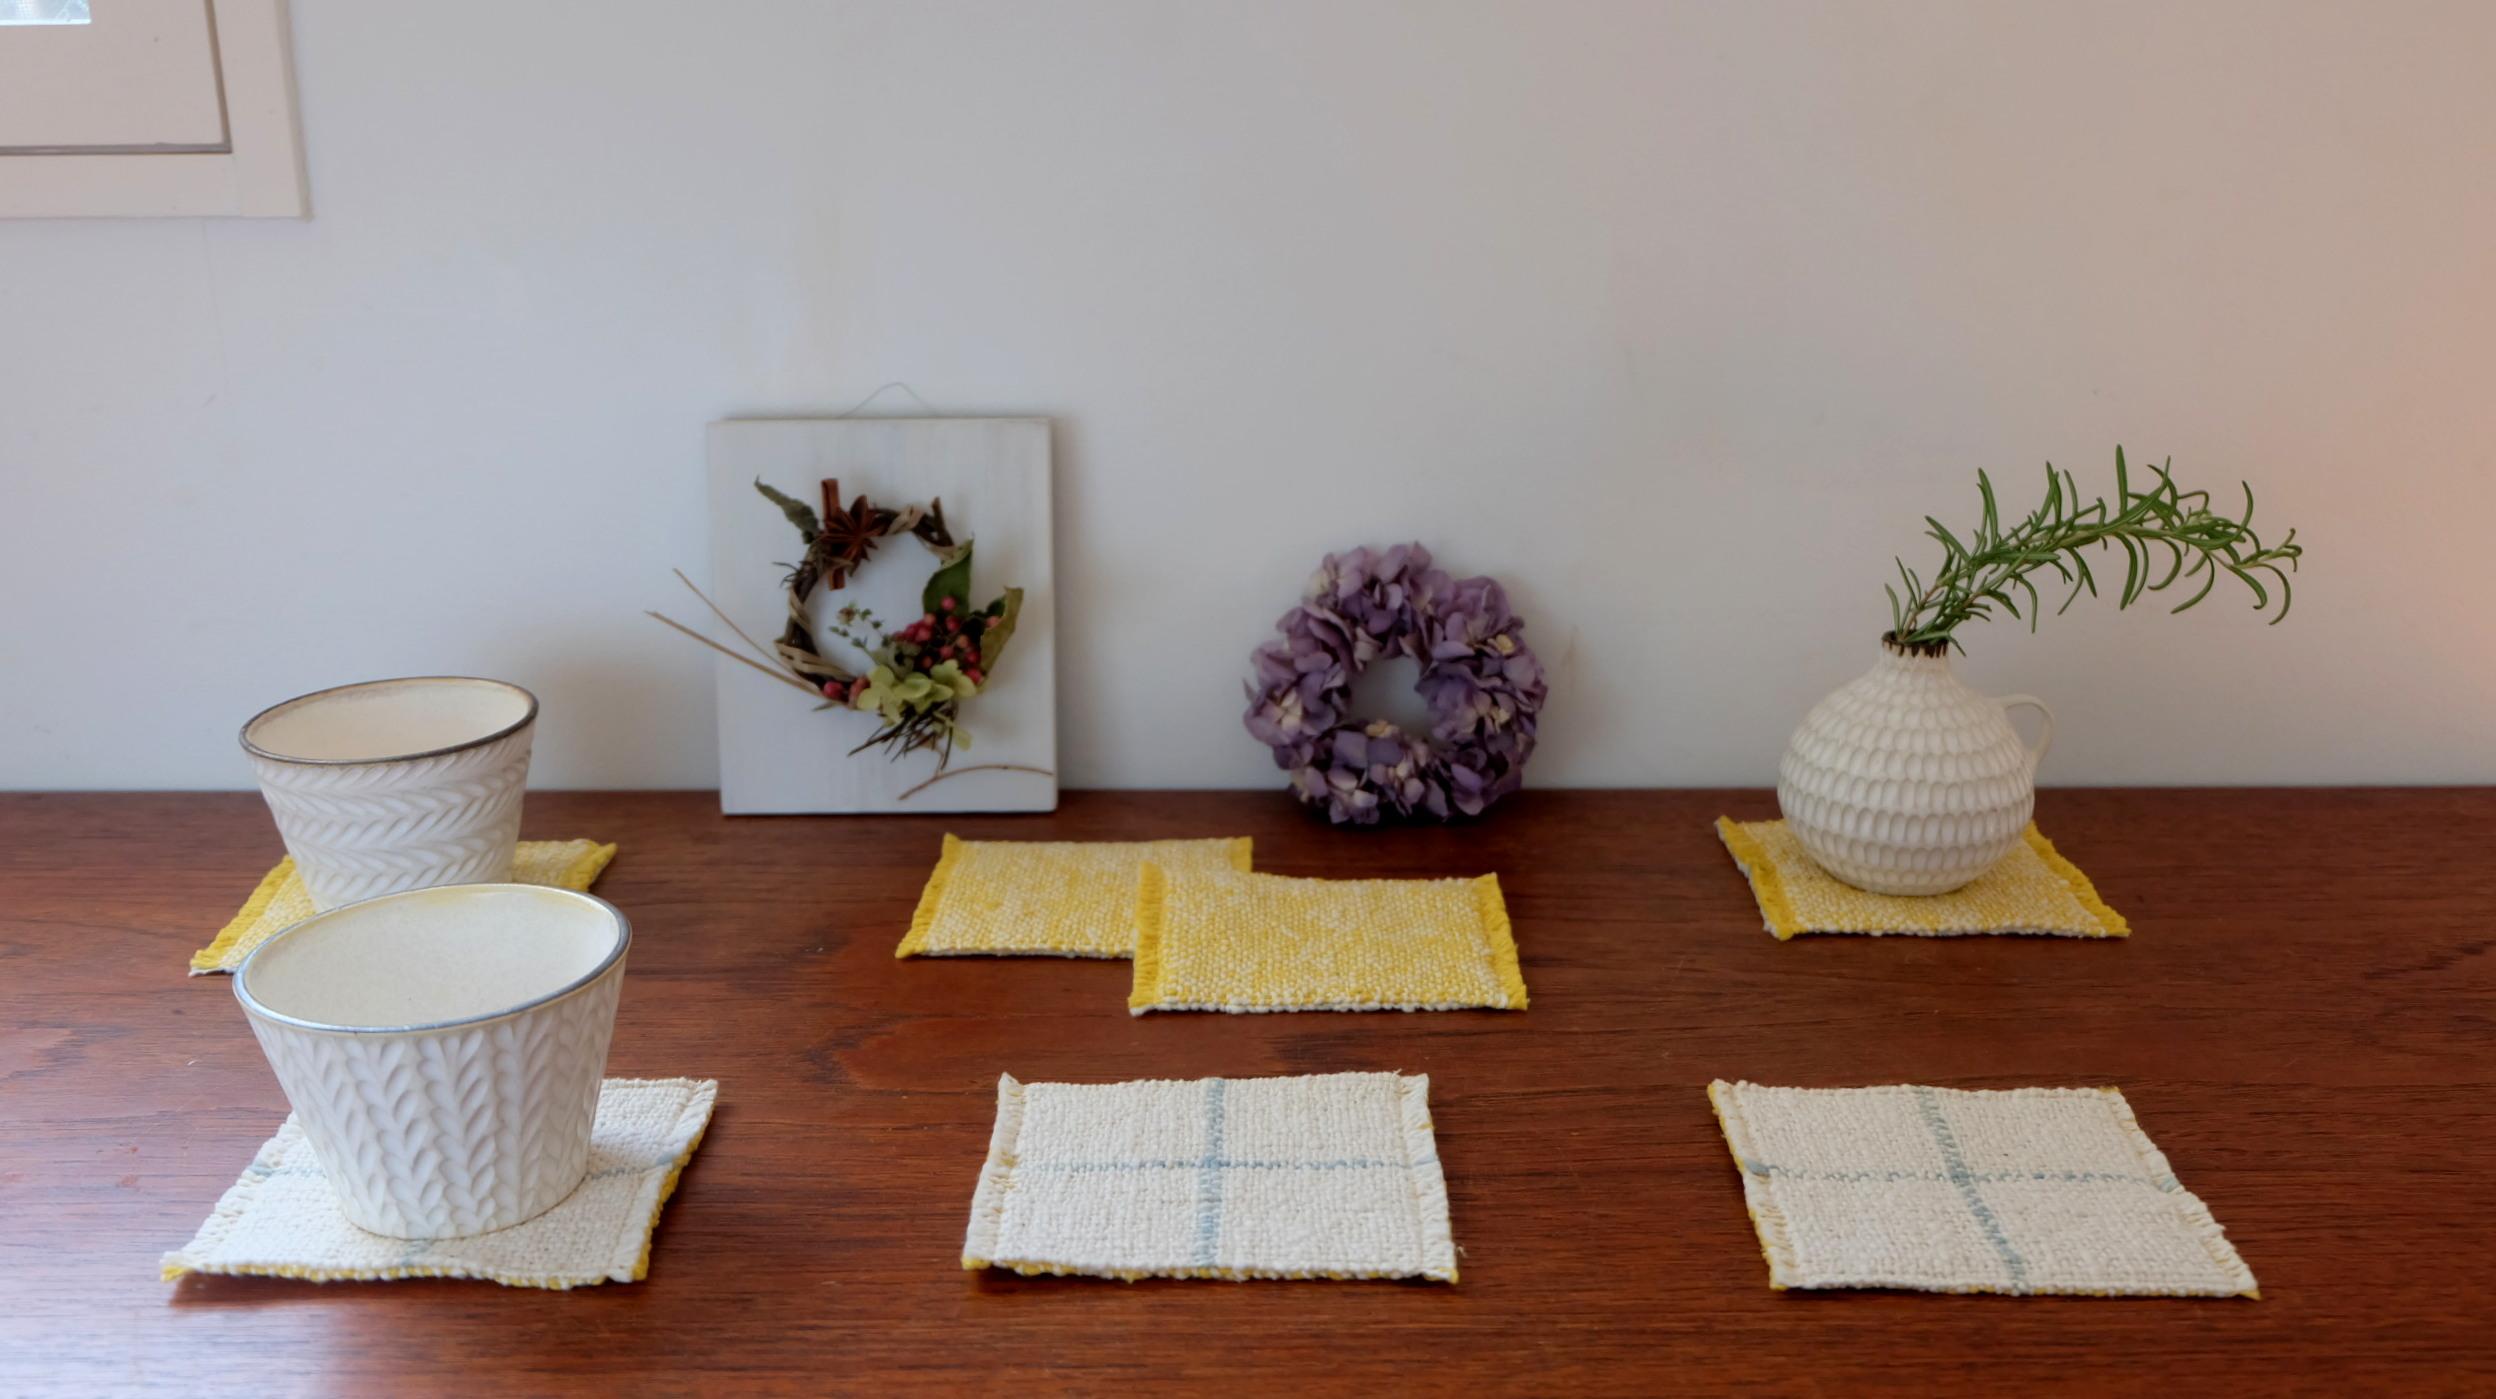 【新商品入荷のお知らせ】「花と織」のリースとオーガニックコットン100%コースター